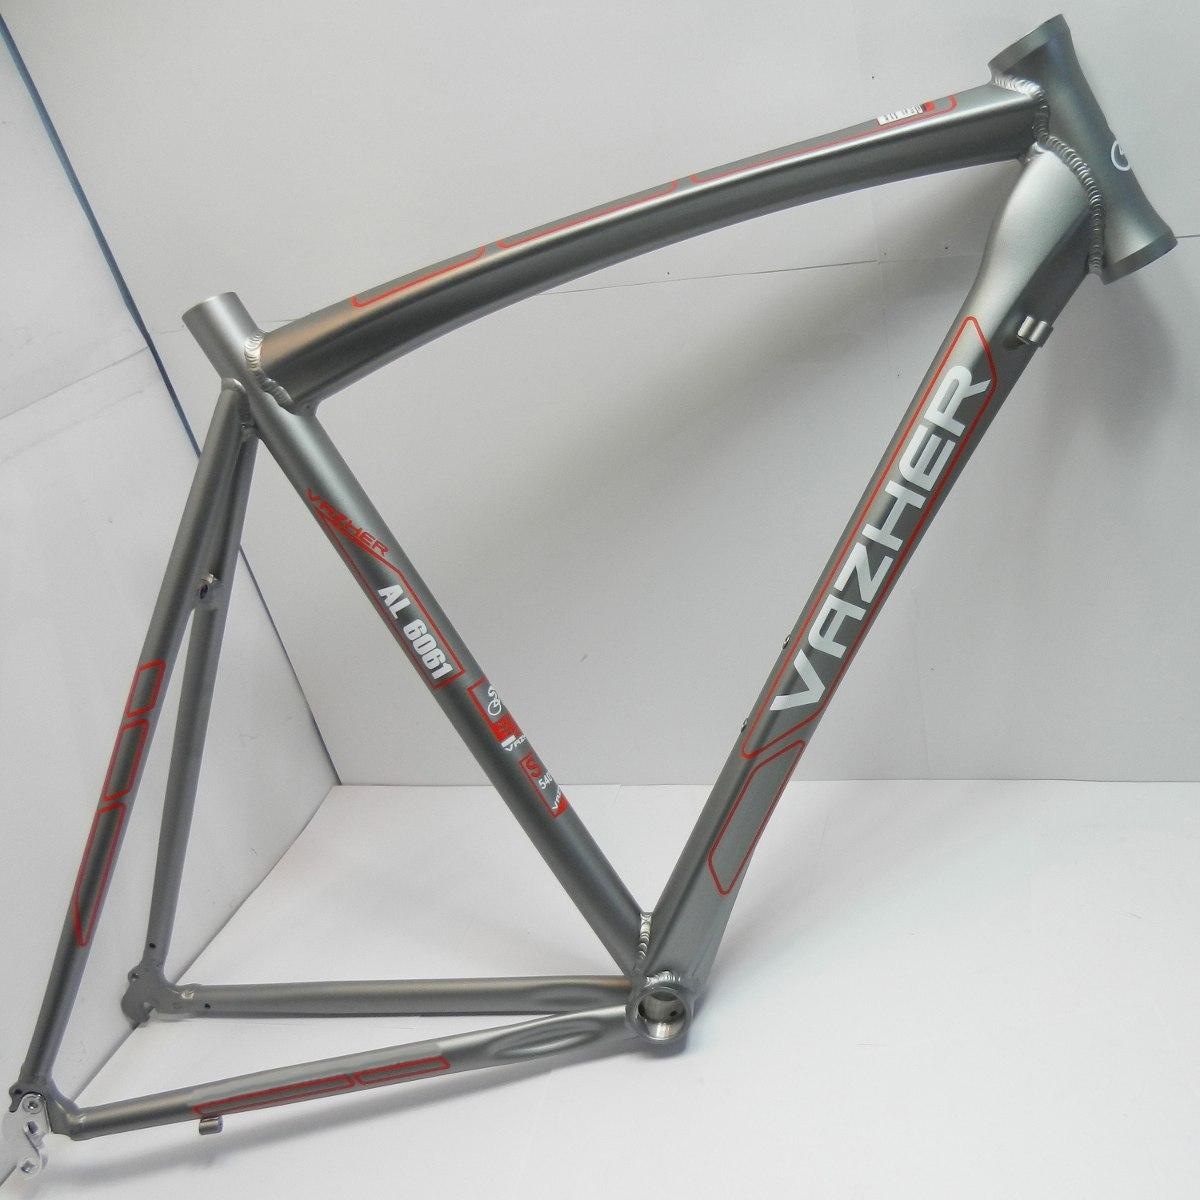 Bicicleta Ruta Cuadro 700 Carreras Aluminio Hydroform Vazher ...